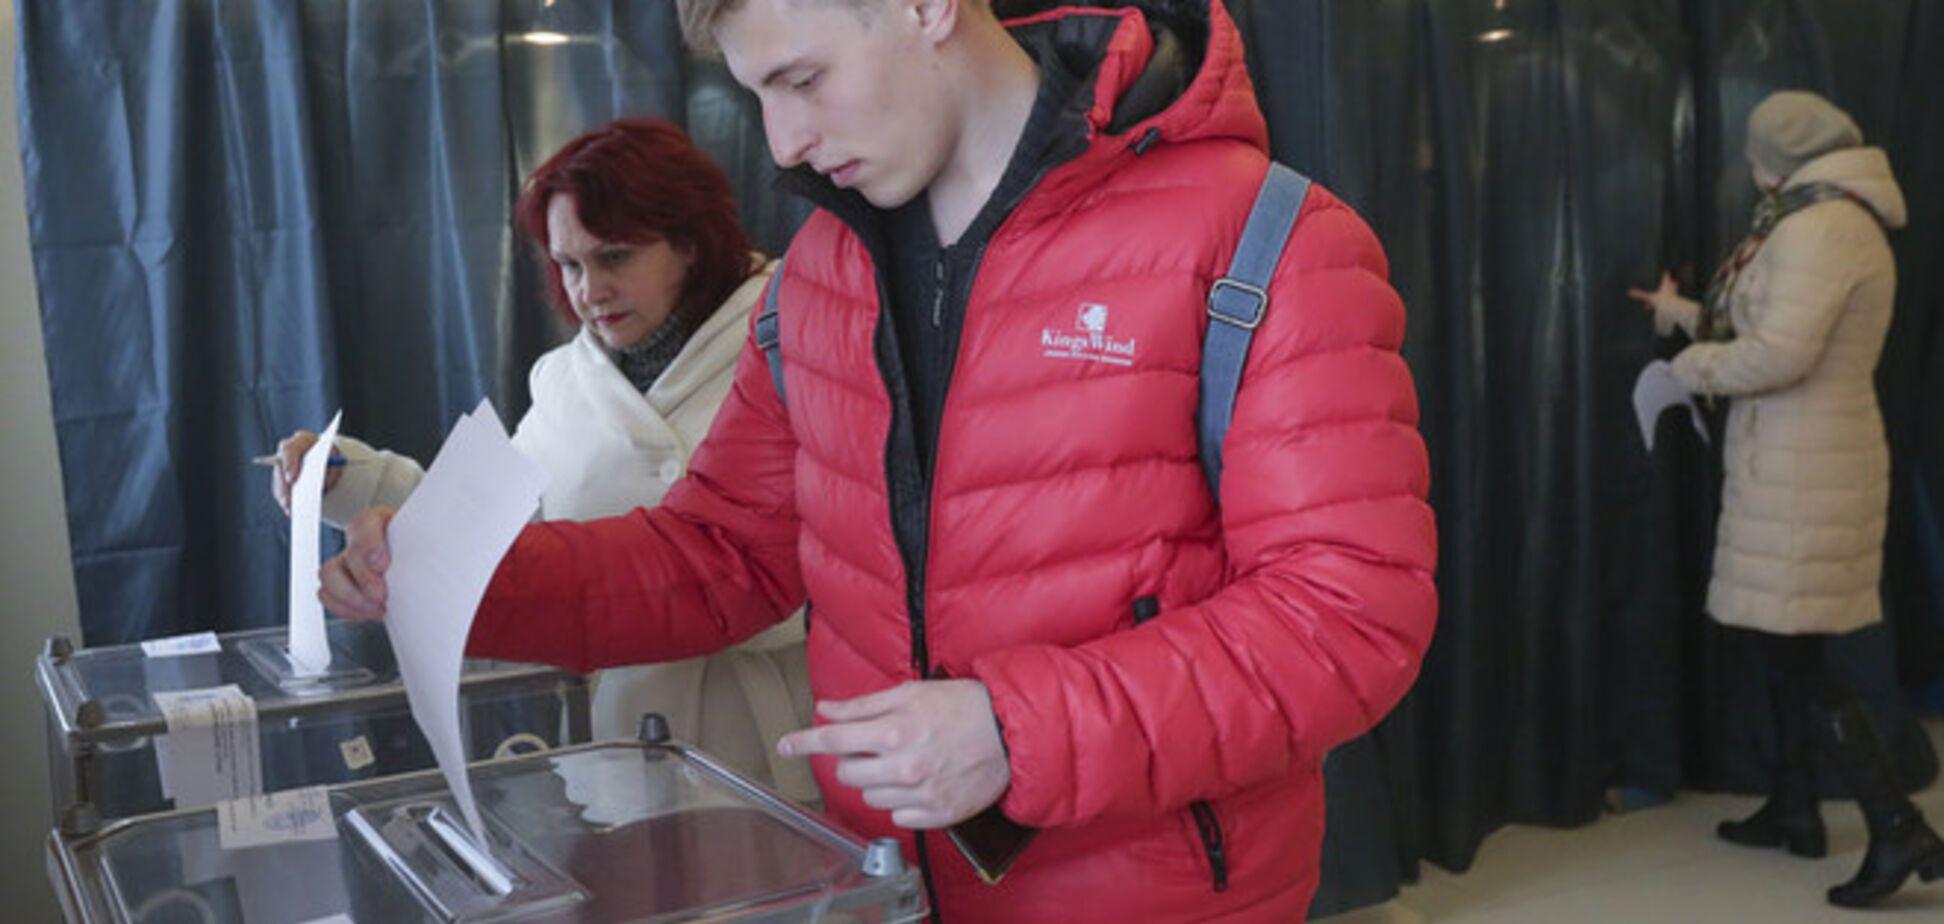 Жители Донбасса пожаловались на вынужденное участие в 'выборах'